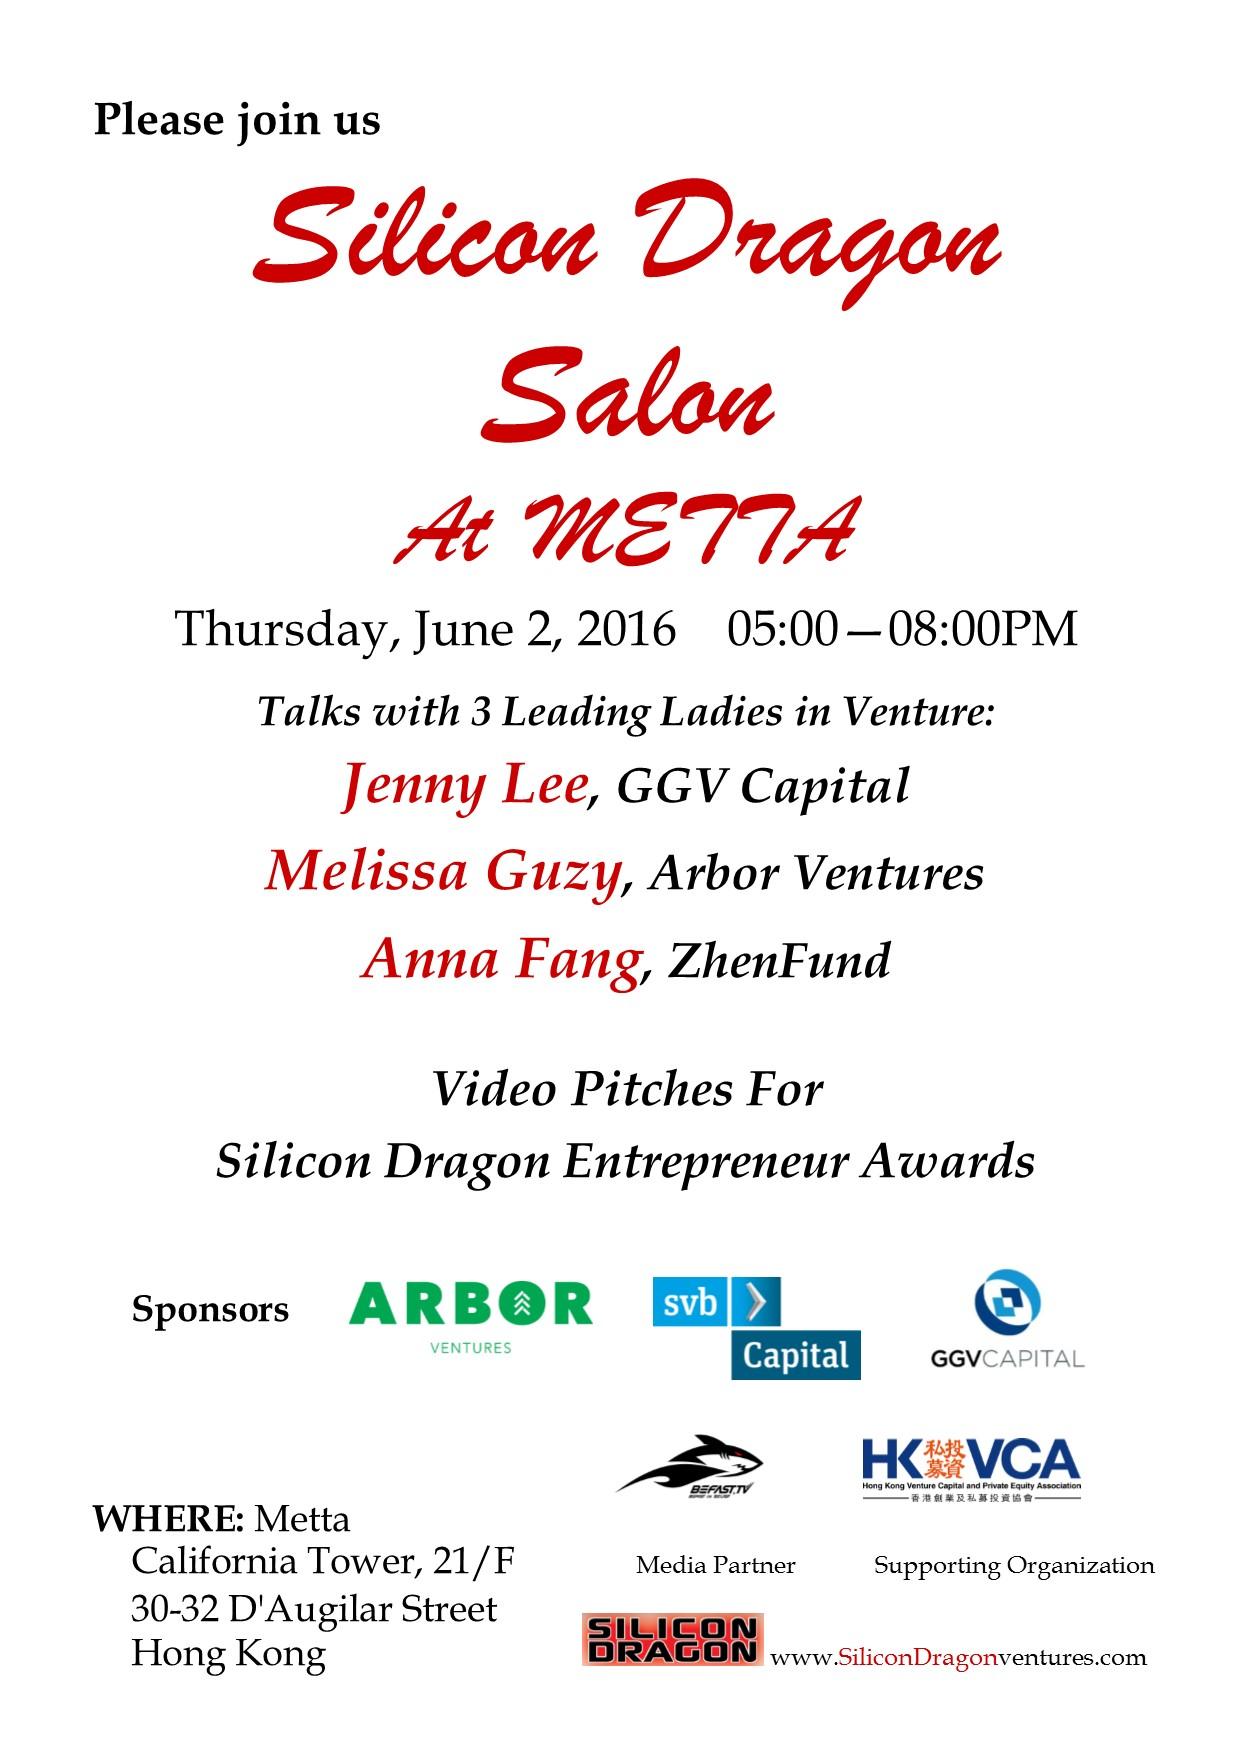 Silicon Dragon Salon, June 2, at Metta